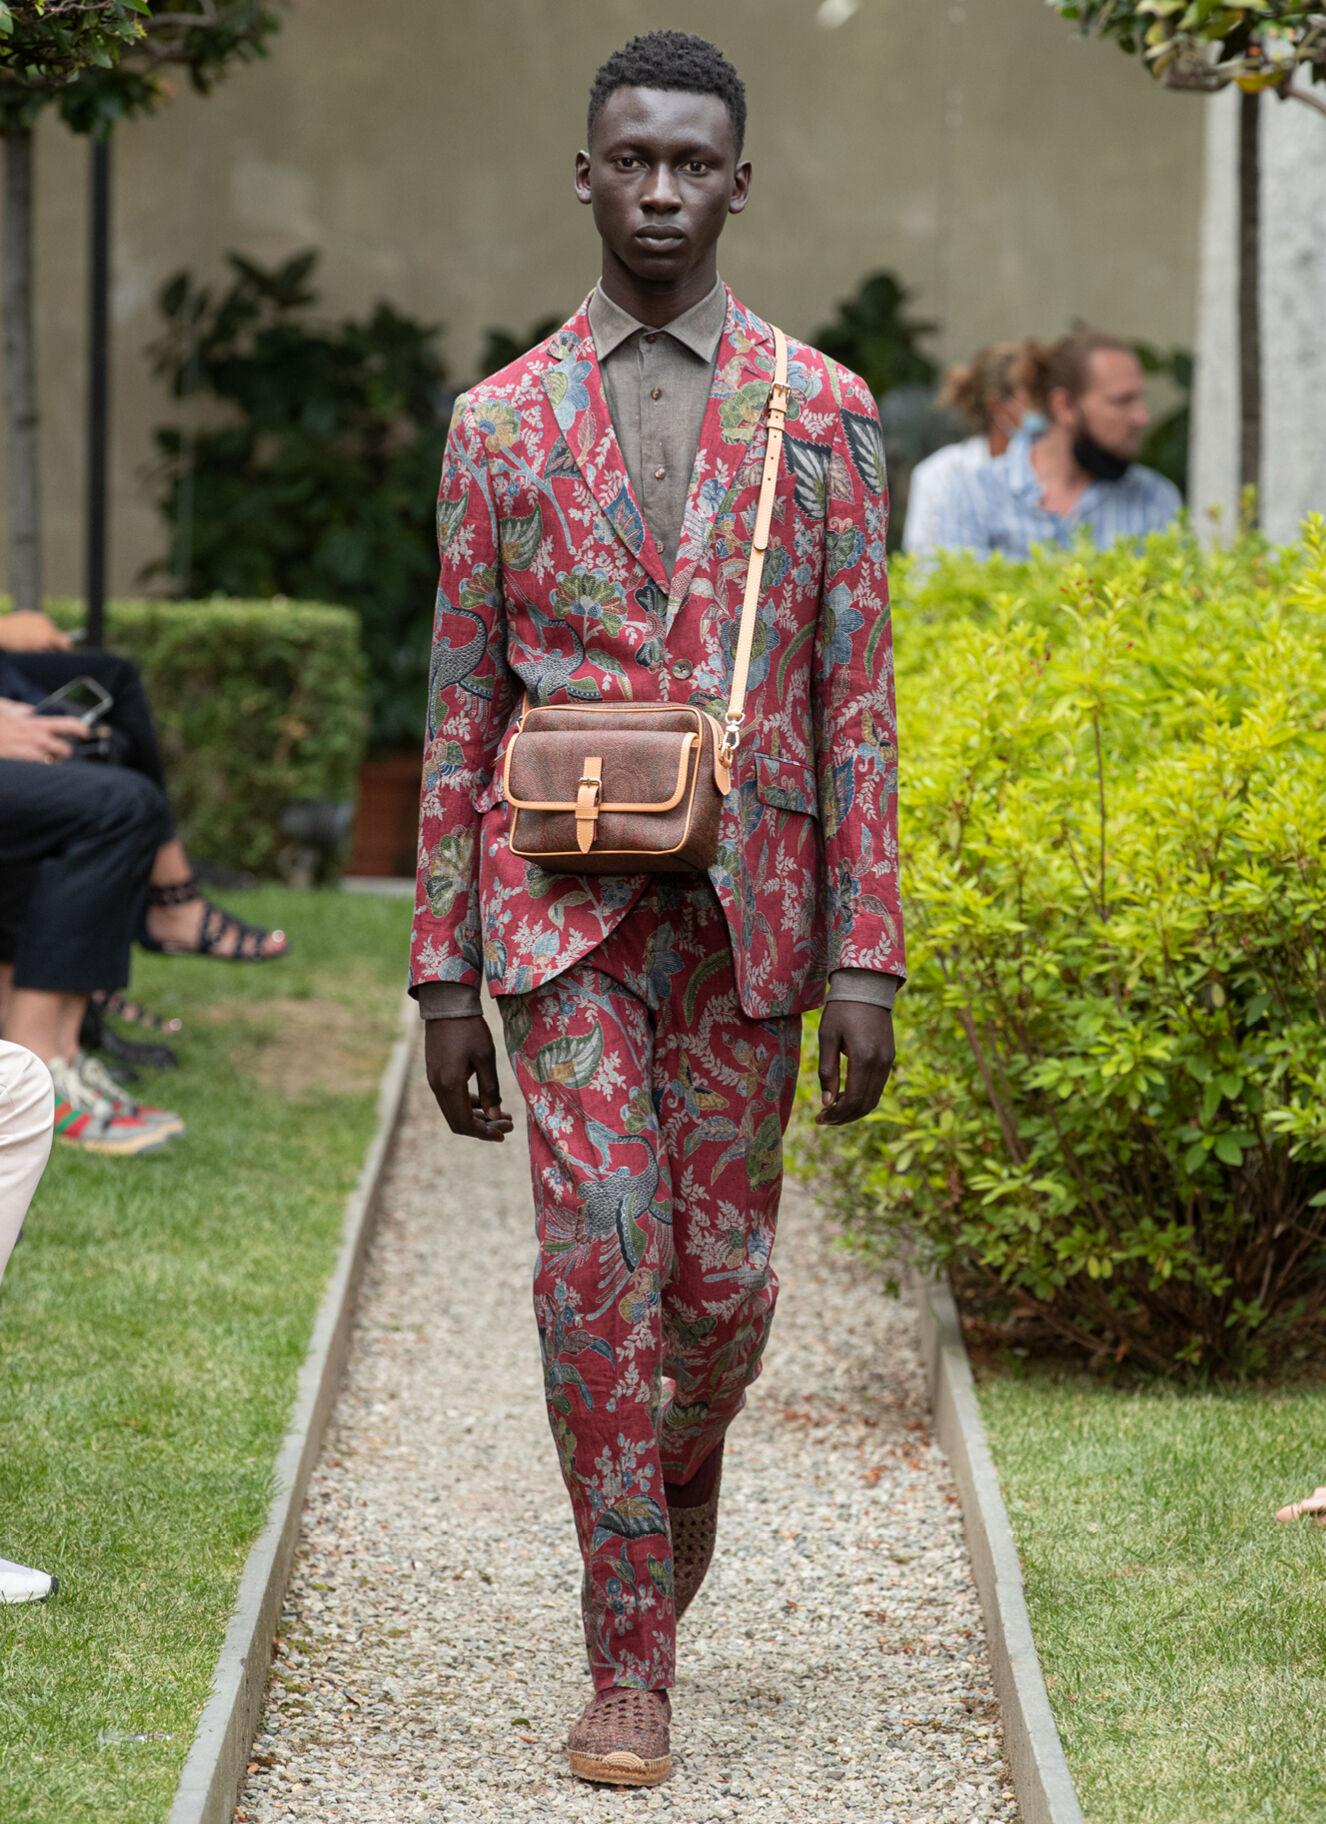 ETRO_fashion_show_ss21_10 Milan red men's suit.jpg